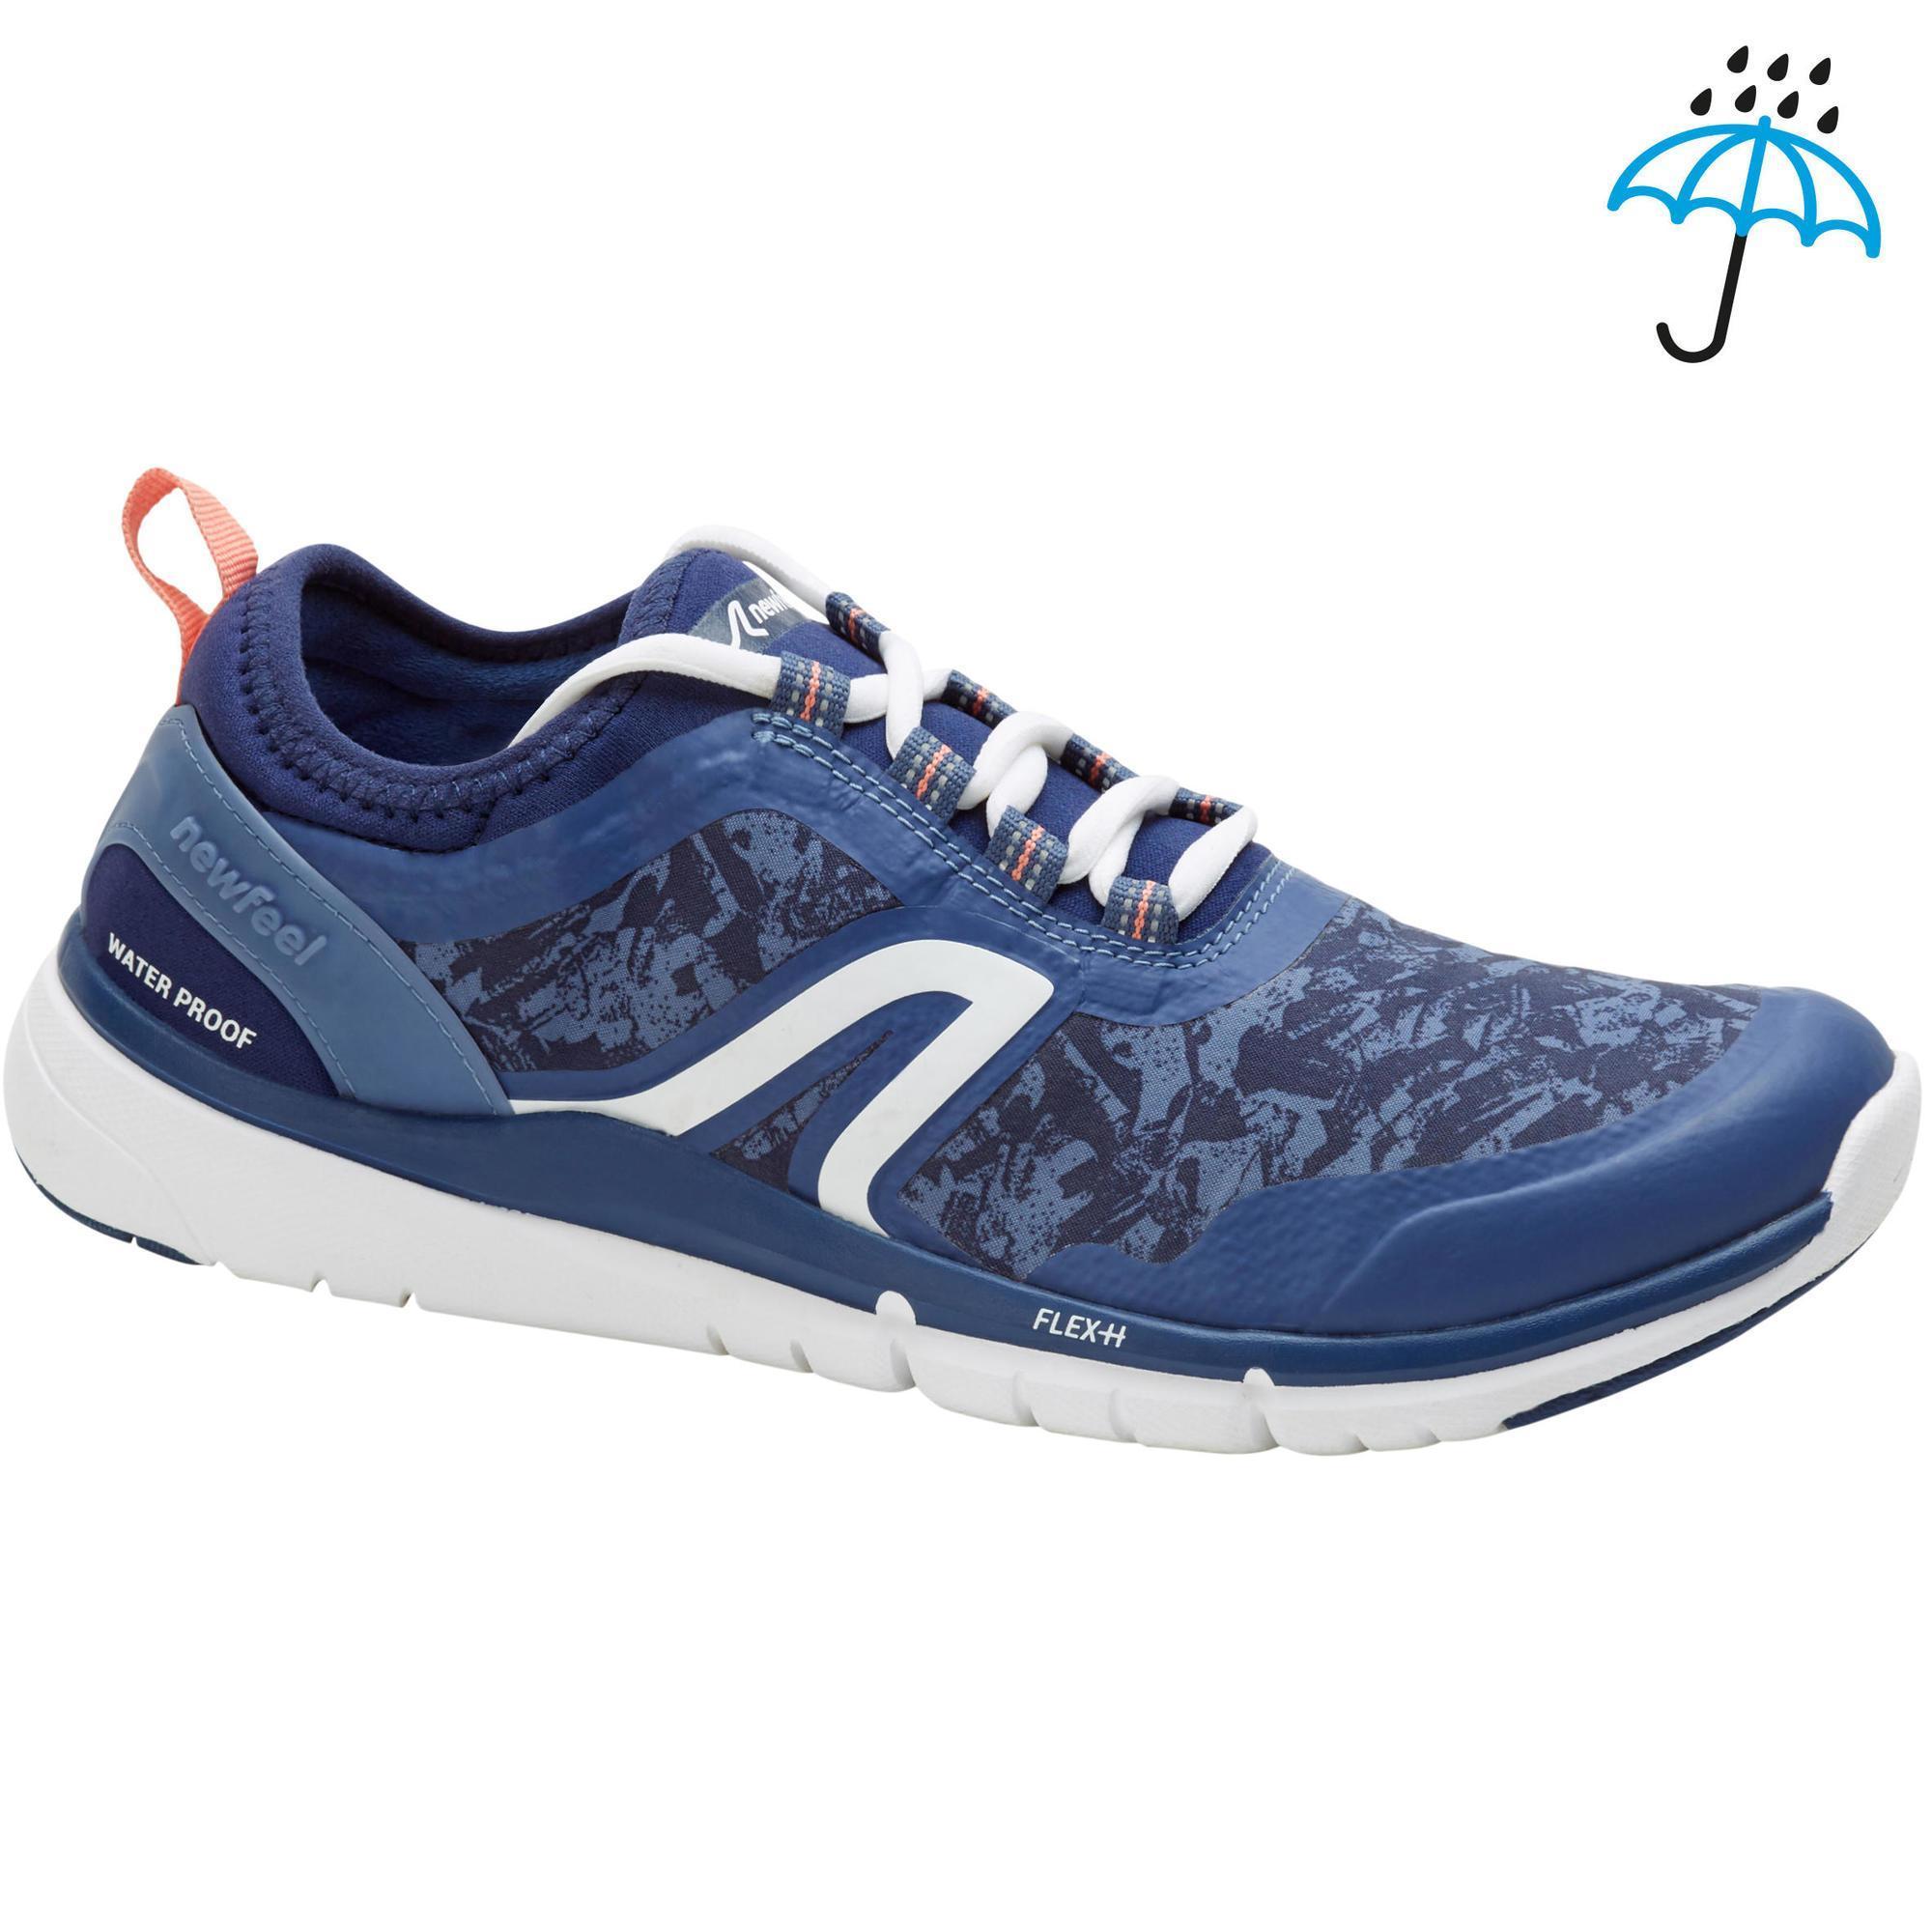 Newfeel Damessneakers voor sportief wandelen PW580 Waterproof